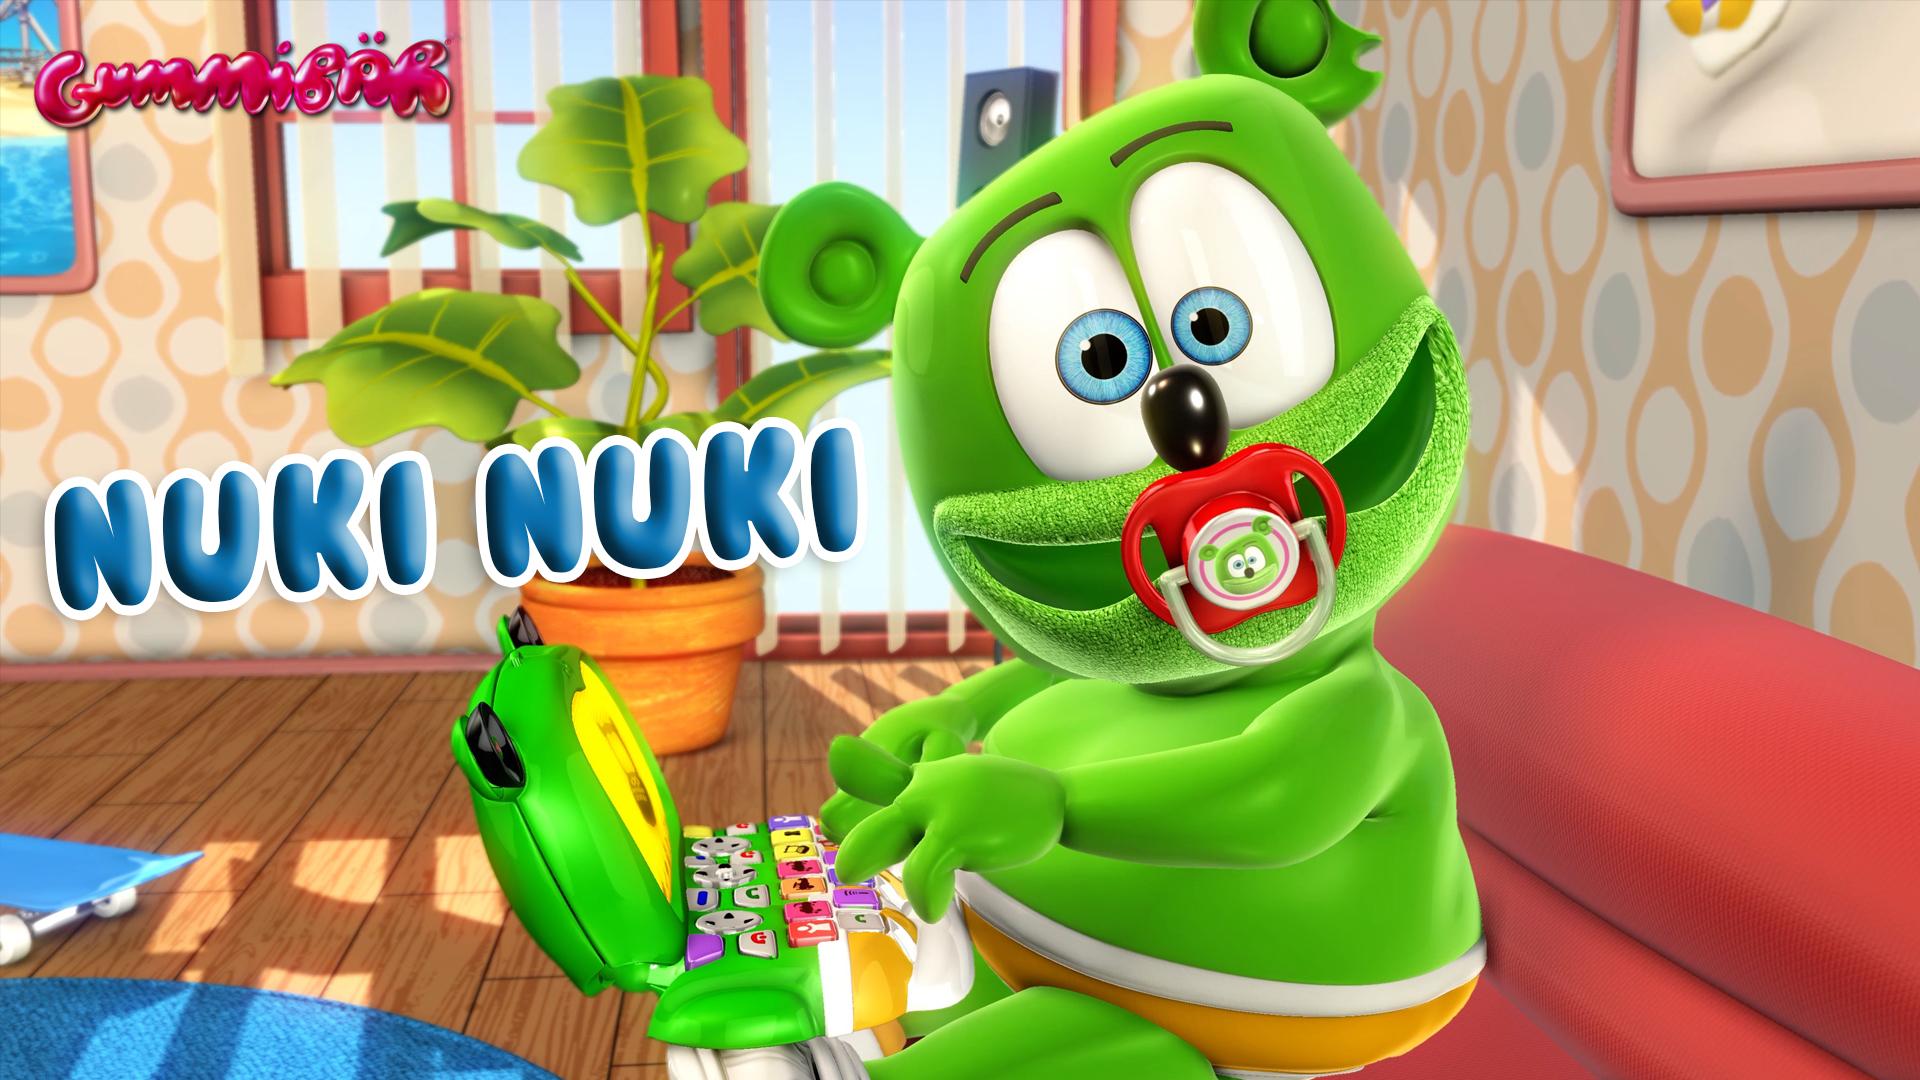 Gummy Bear - Nuki Nuki